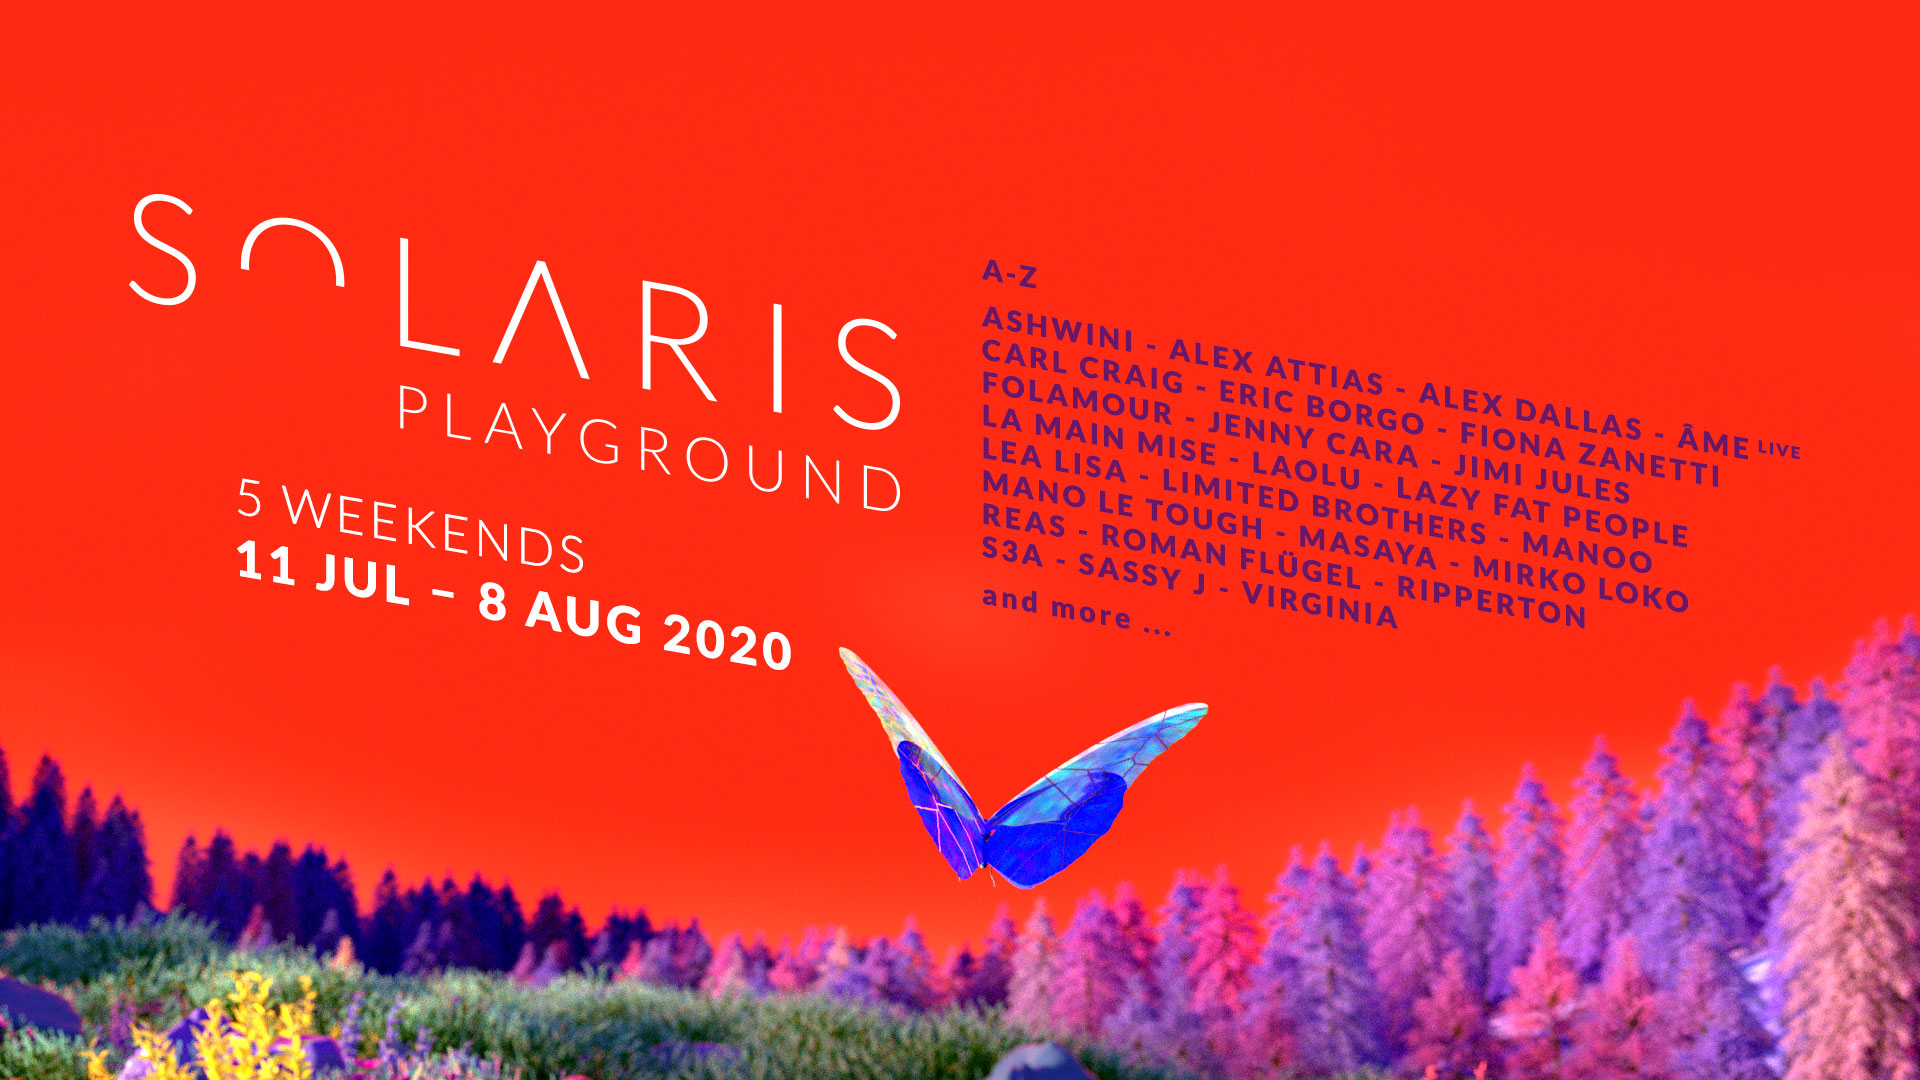 SOLARIS | Line Up 2020